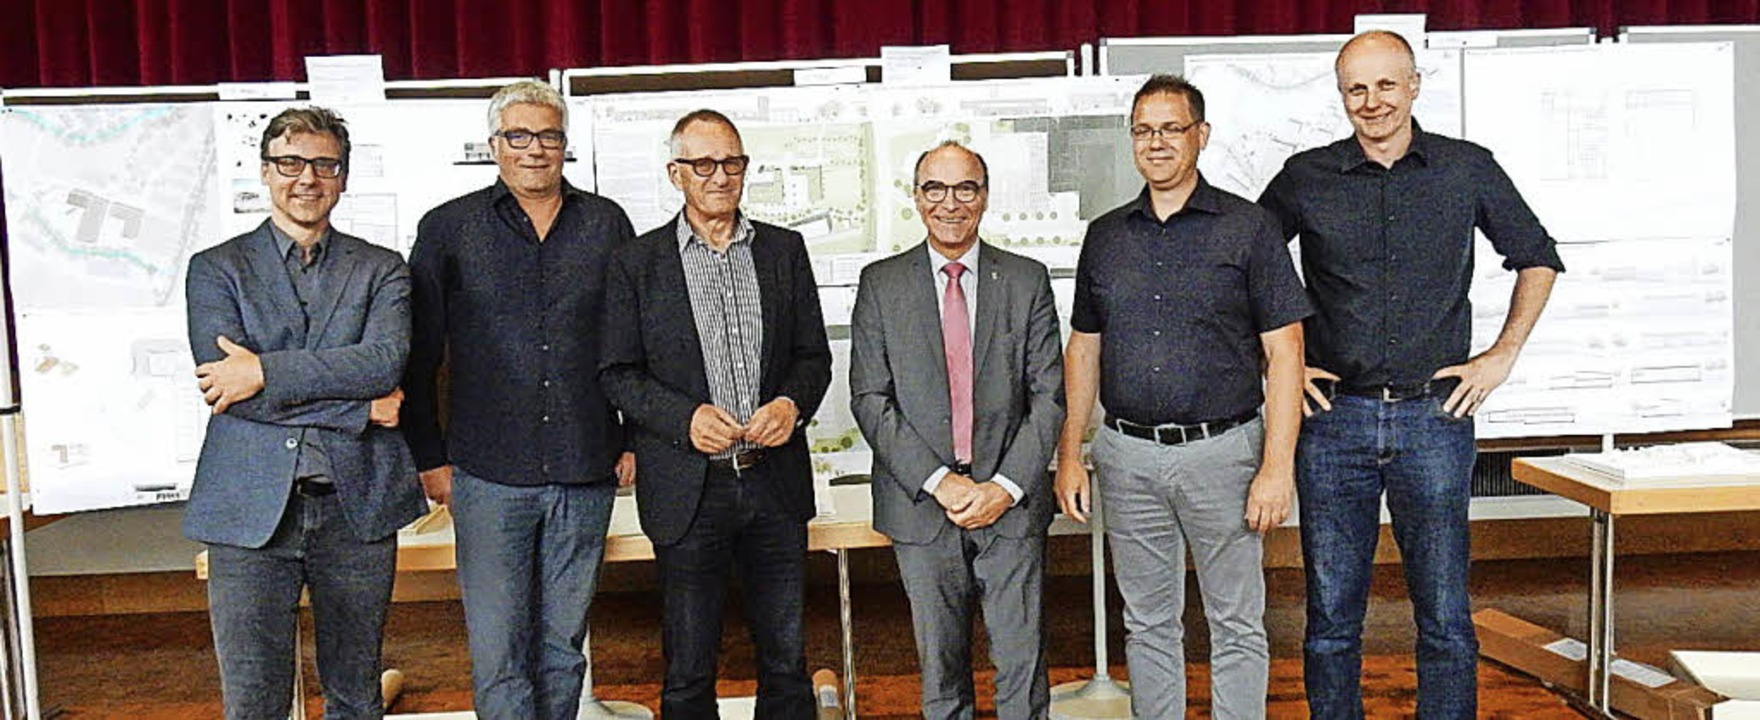 Die Preisträger (v.l.) Norbert Goljan ... für seinen Entwurf eine Anerkennung.   | Foto: Kurt Meier